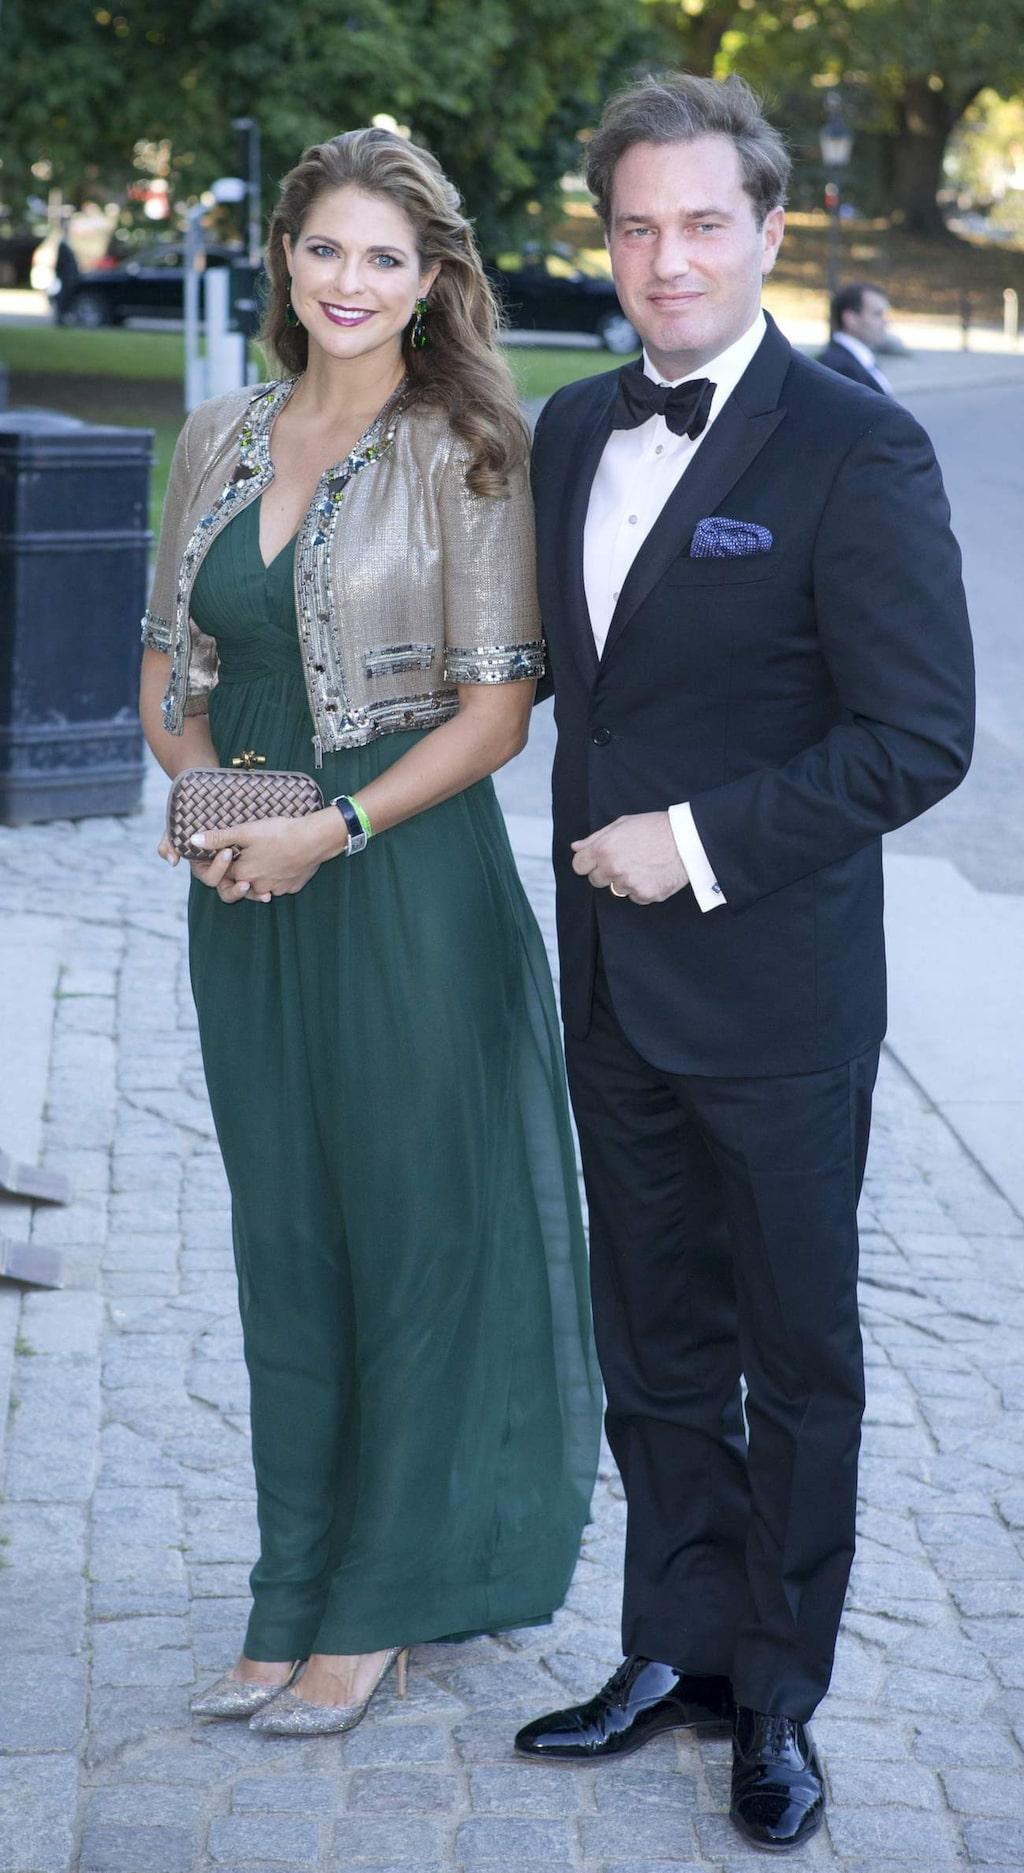 """<a _mce_href=""""http://www.expressen.se/mode/prinsessan-madeleine-1/"""" href=""""http://www.expressen.se/mode/prinsessan-madeleine-1/"""">Prinsessan Madeleine</a> matchade sin gröna långklänning från By Malina med detaljer i guld på galamiddag 2013."""